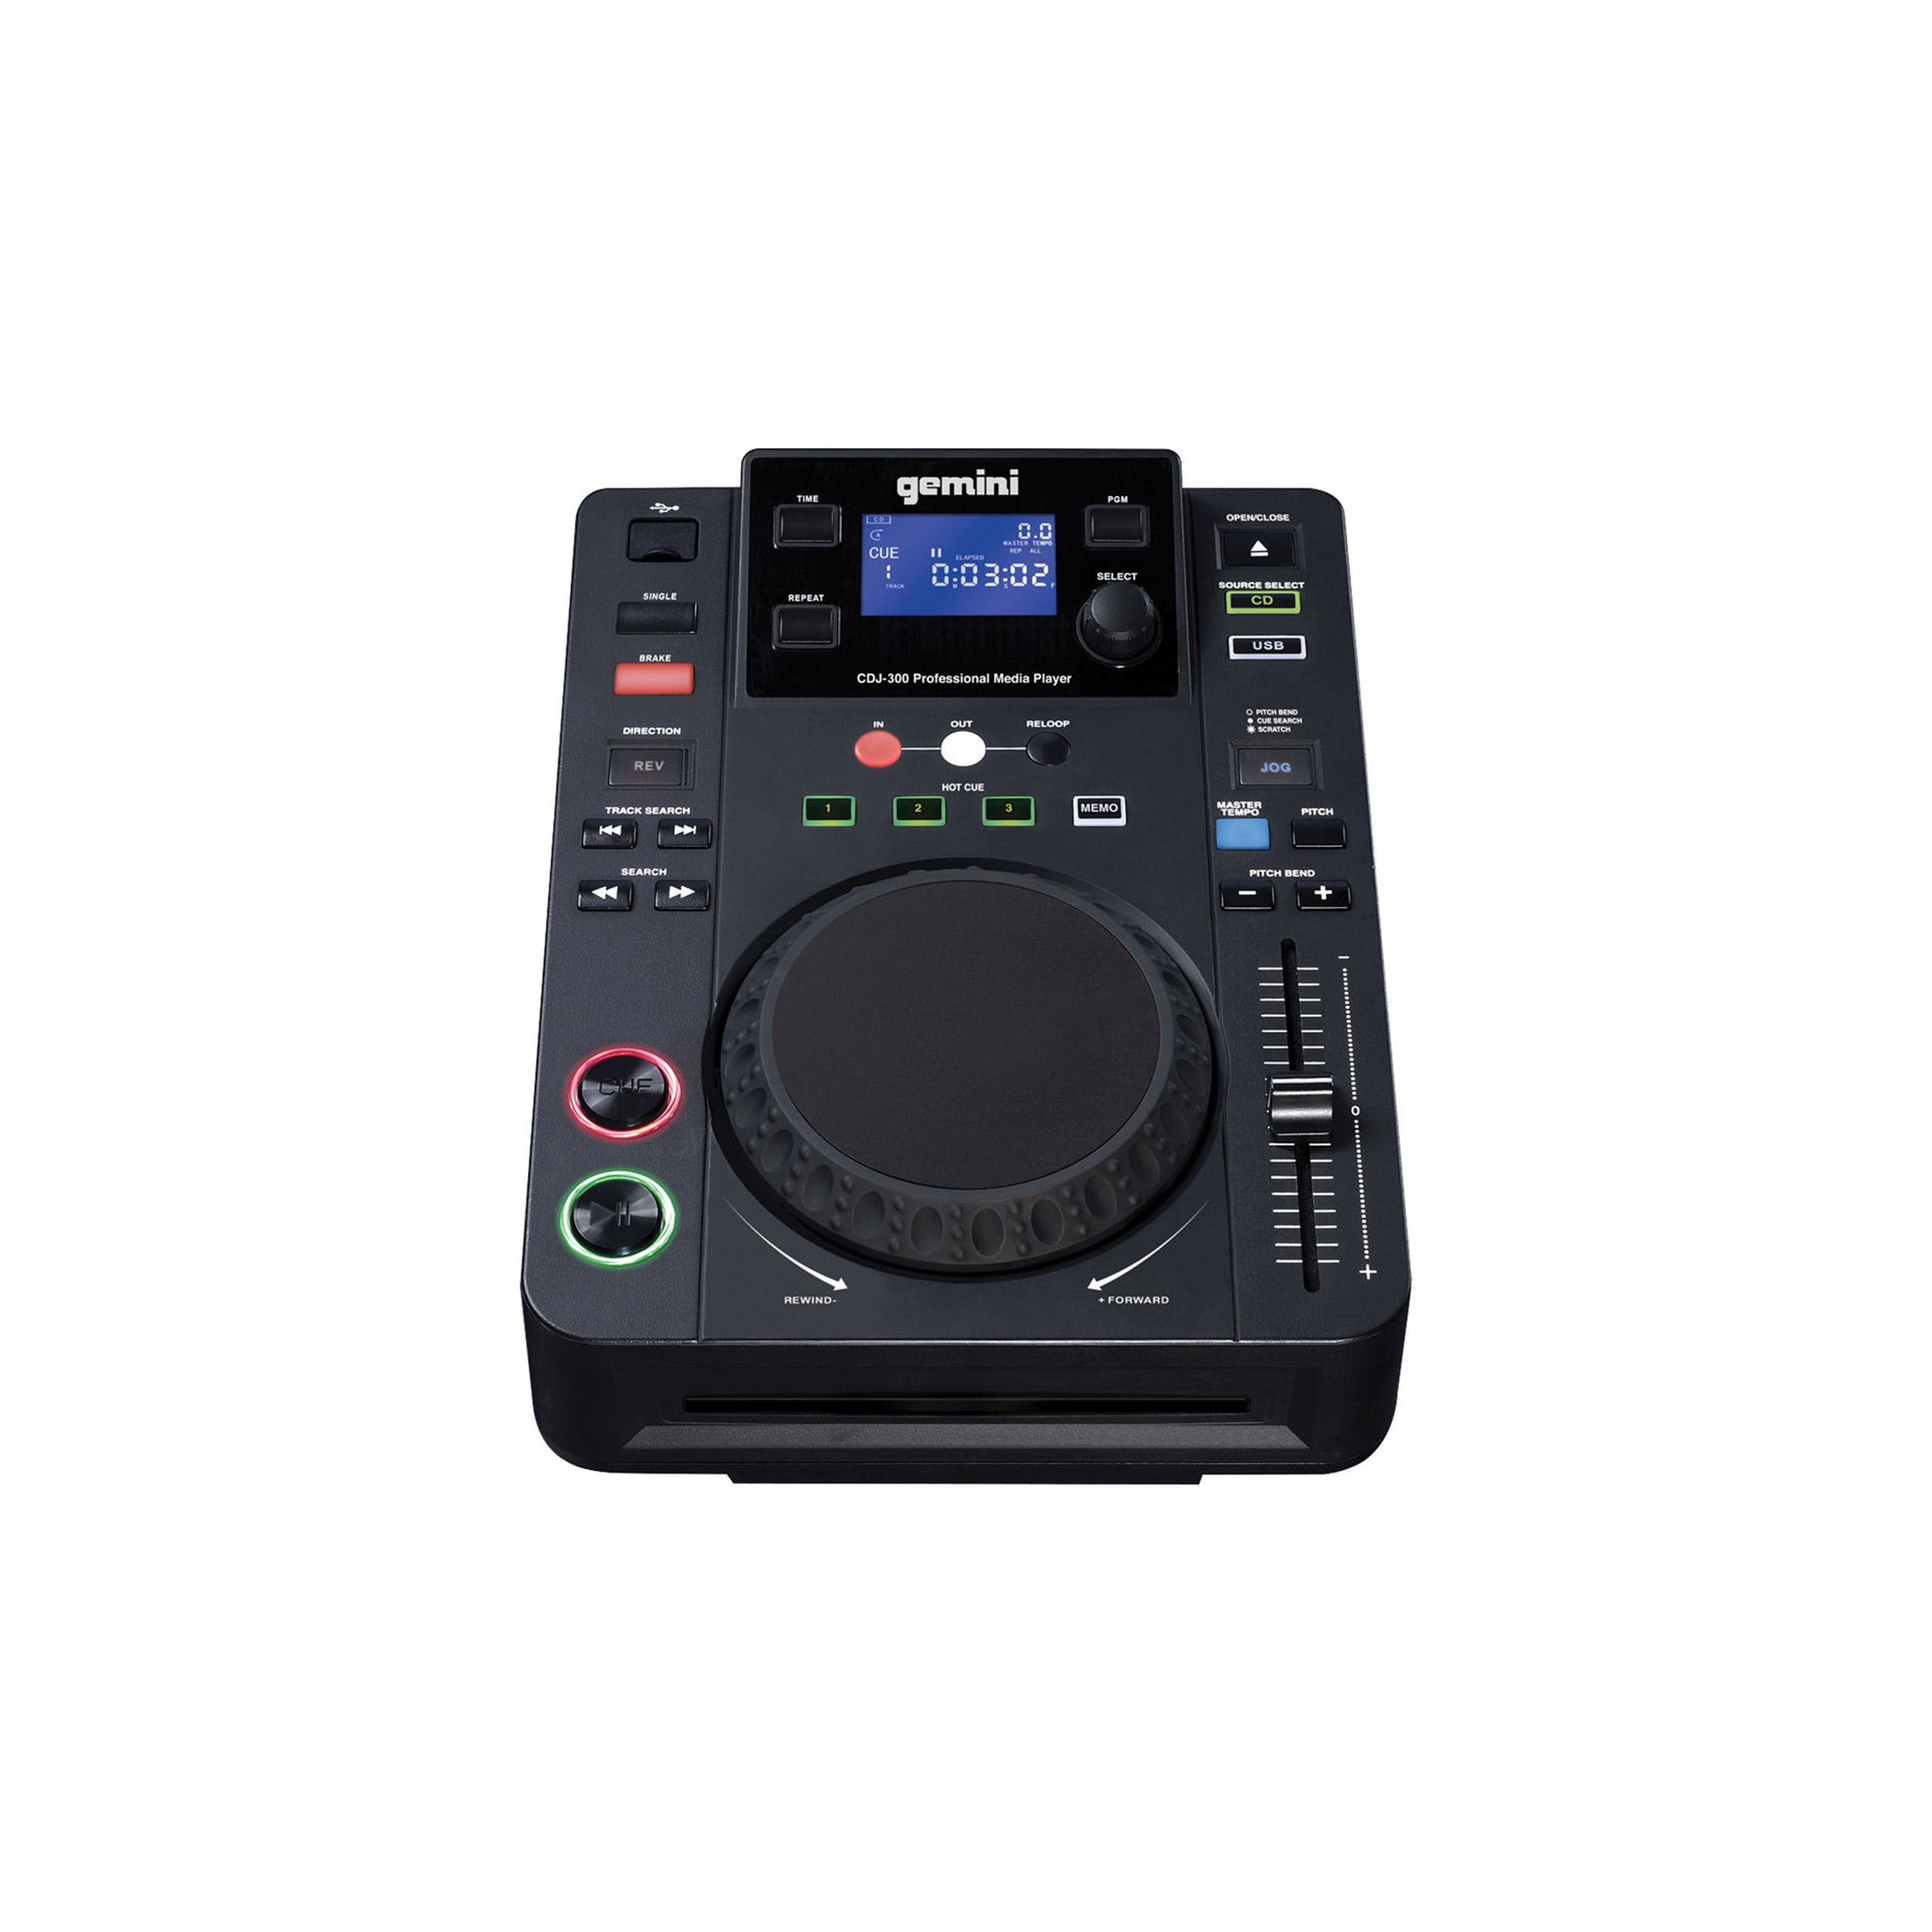 دی جی کنترلر جمینی مدل CDJ-300